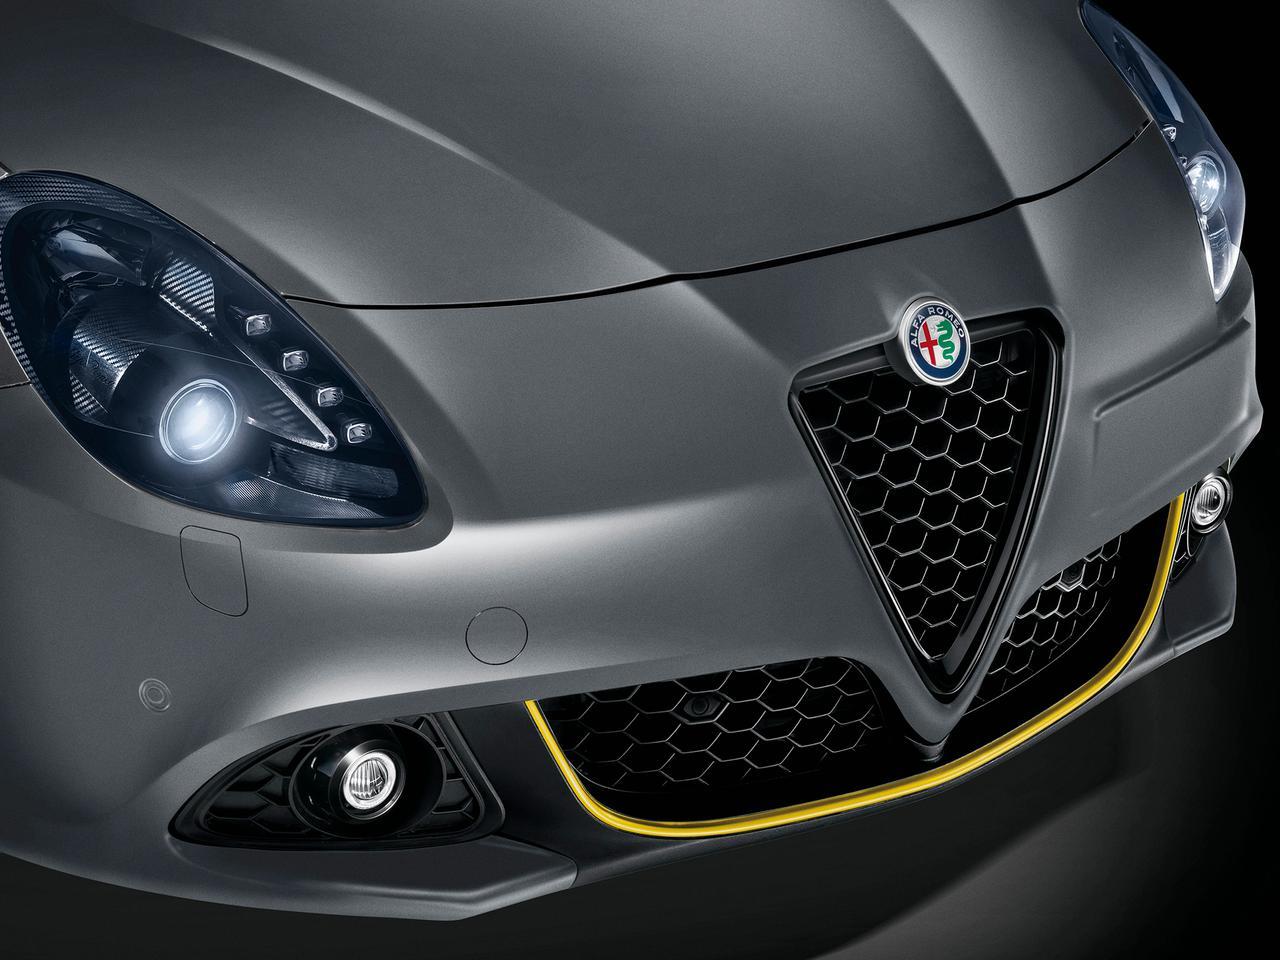 アルファロメオ ジュリエッタ ヴェローチェに、マットグレーのボディカラーを採用した限定車